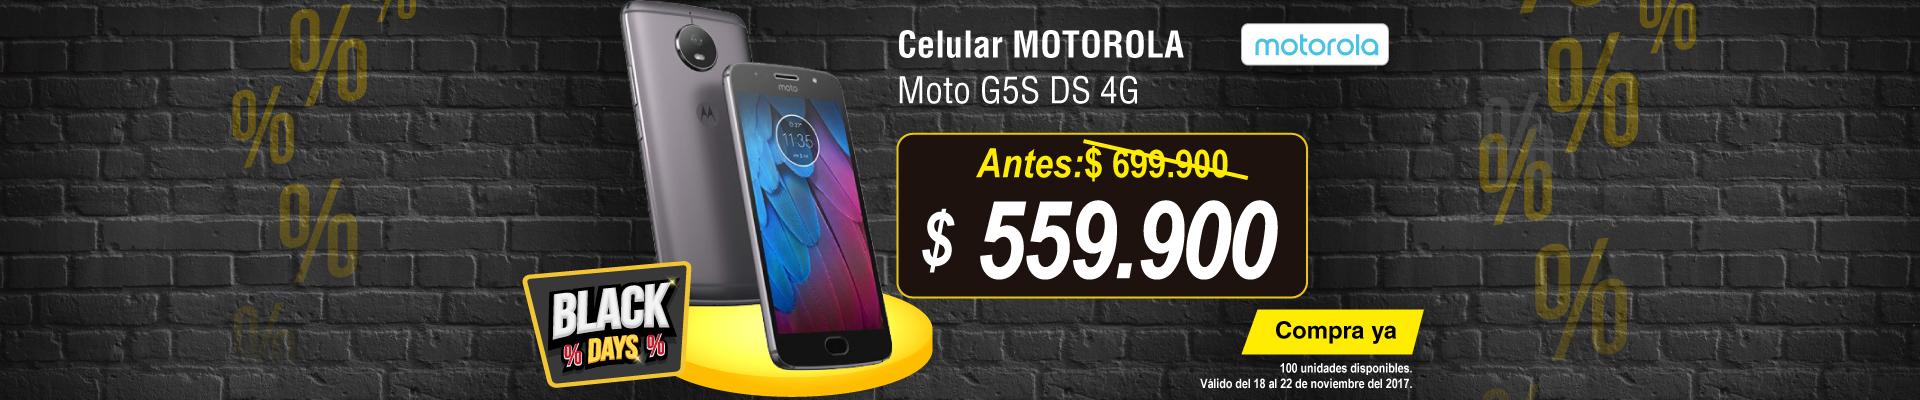 CAT ALKP-2-celulares-Celular Libre MOTOROLA Moto G5S DS-prod-noviembre22